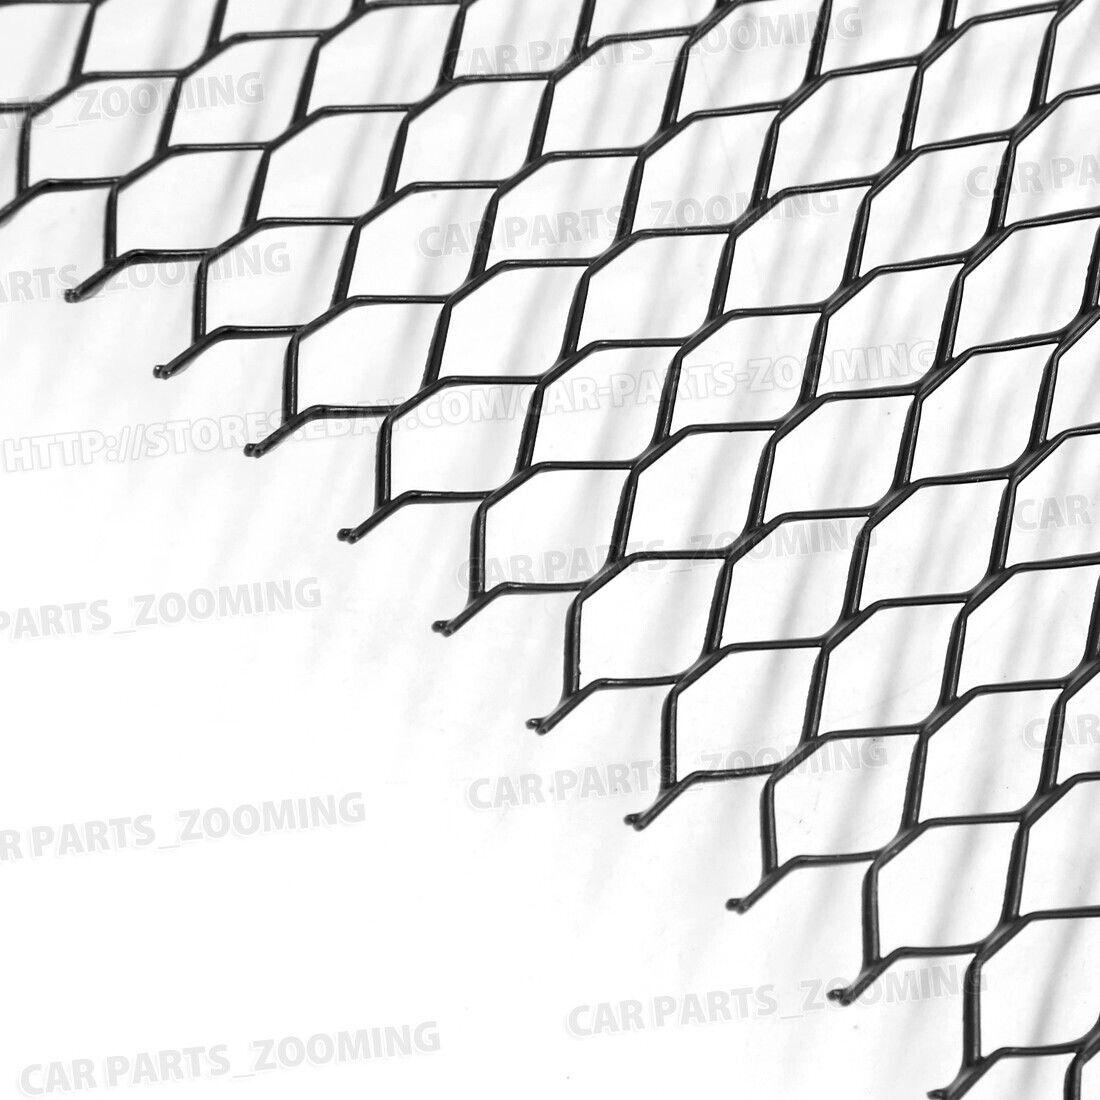 100 x 33cm Black Aluminum Alloy Car Bumper Hexagonal Shape